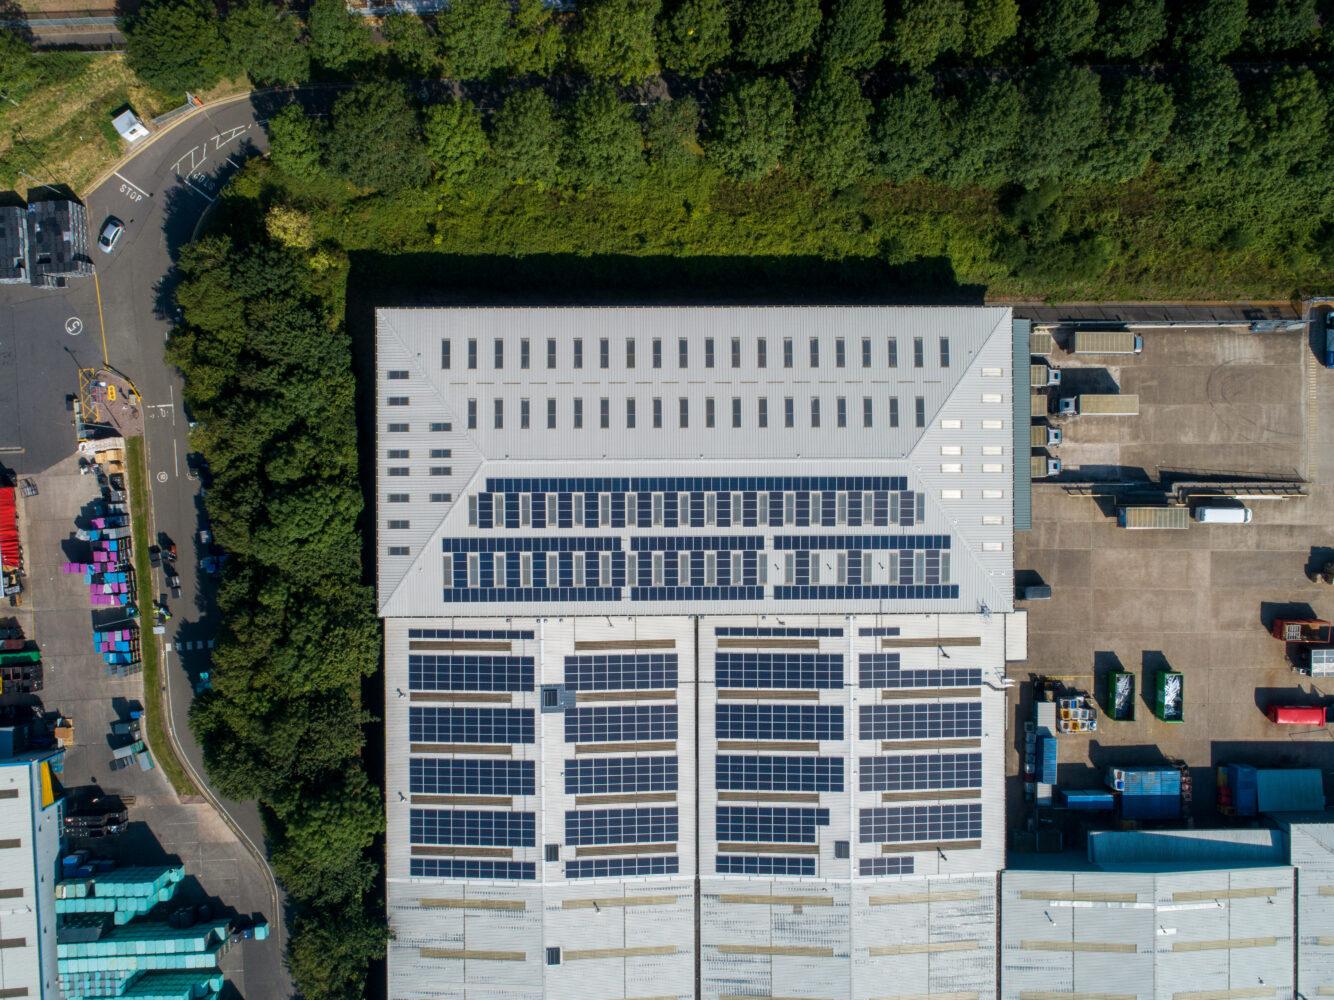 Solar panels on Thorlux Lighting's roof